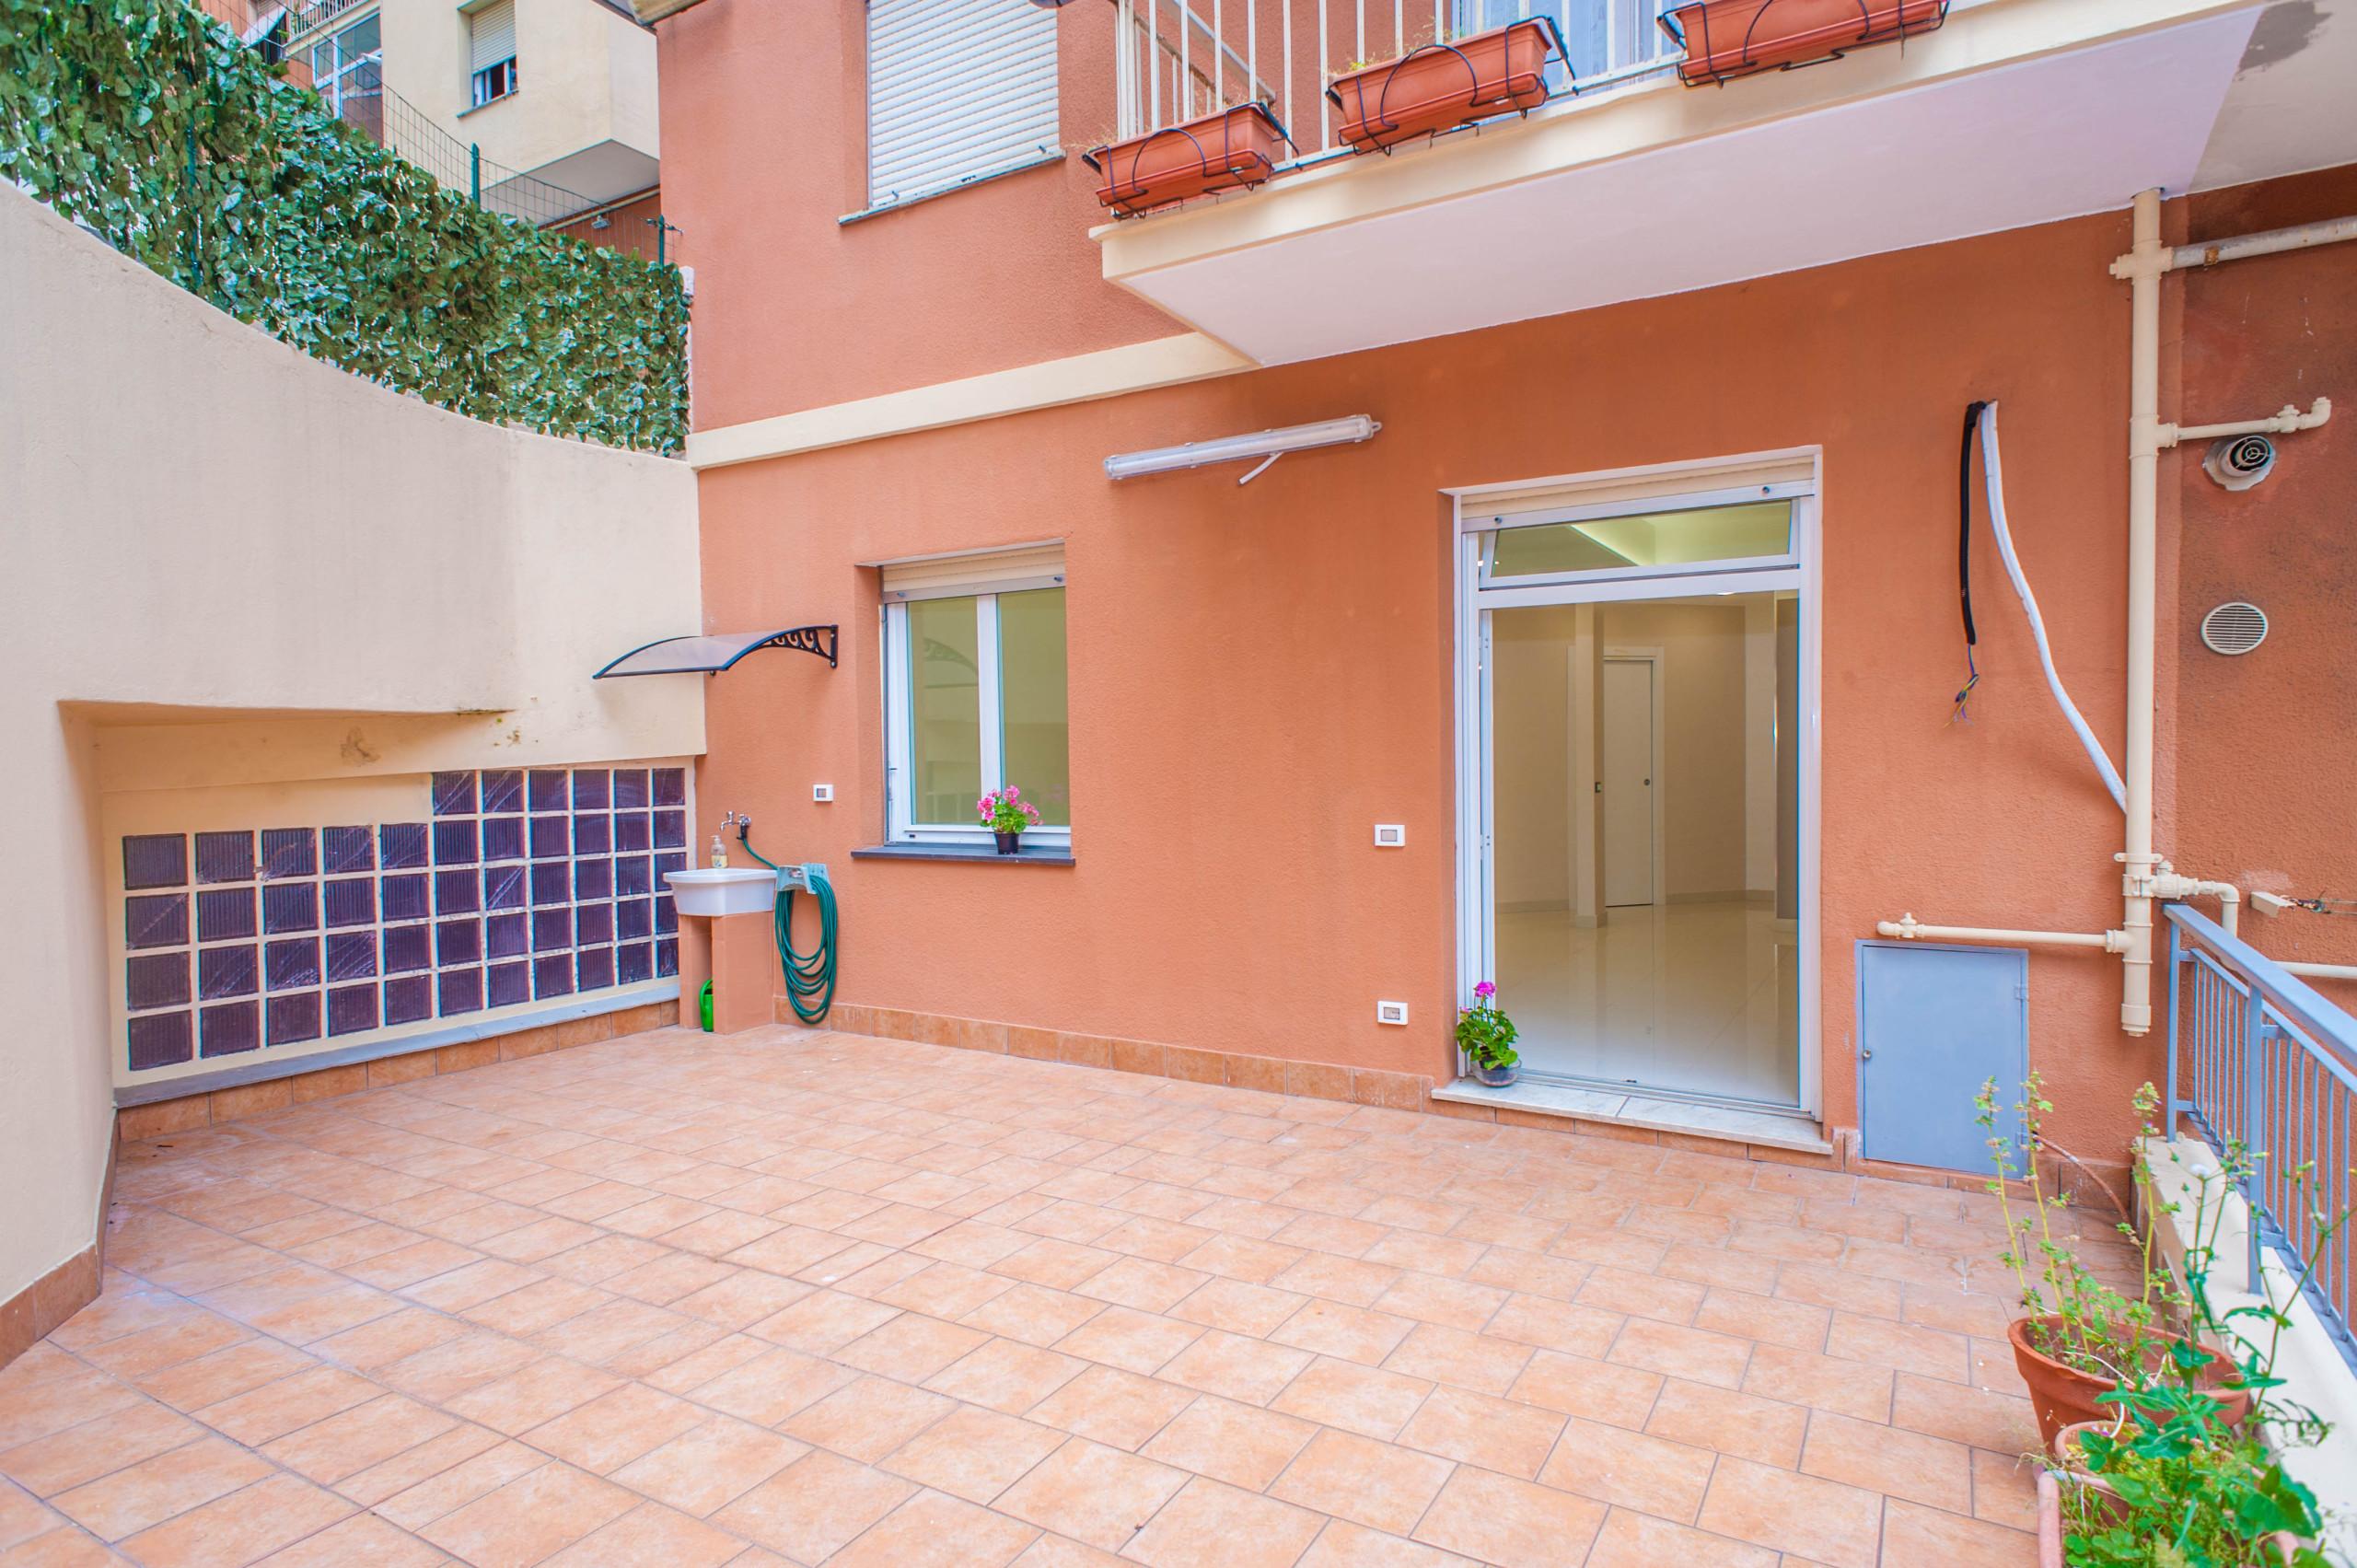 Codice 55 appartamento in vendita a genova immobiliare il perimetro - Vendita piastrelle genova ...